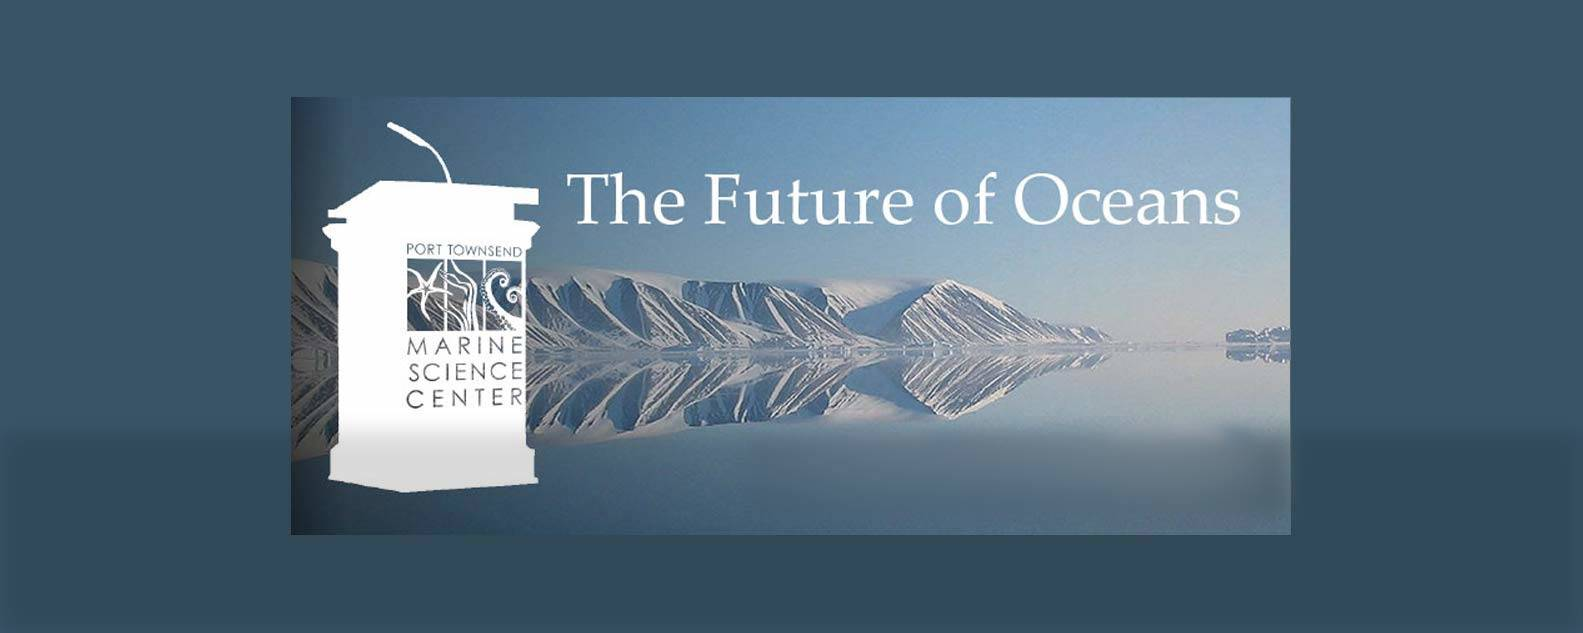 ptmsc-future-of-oceans